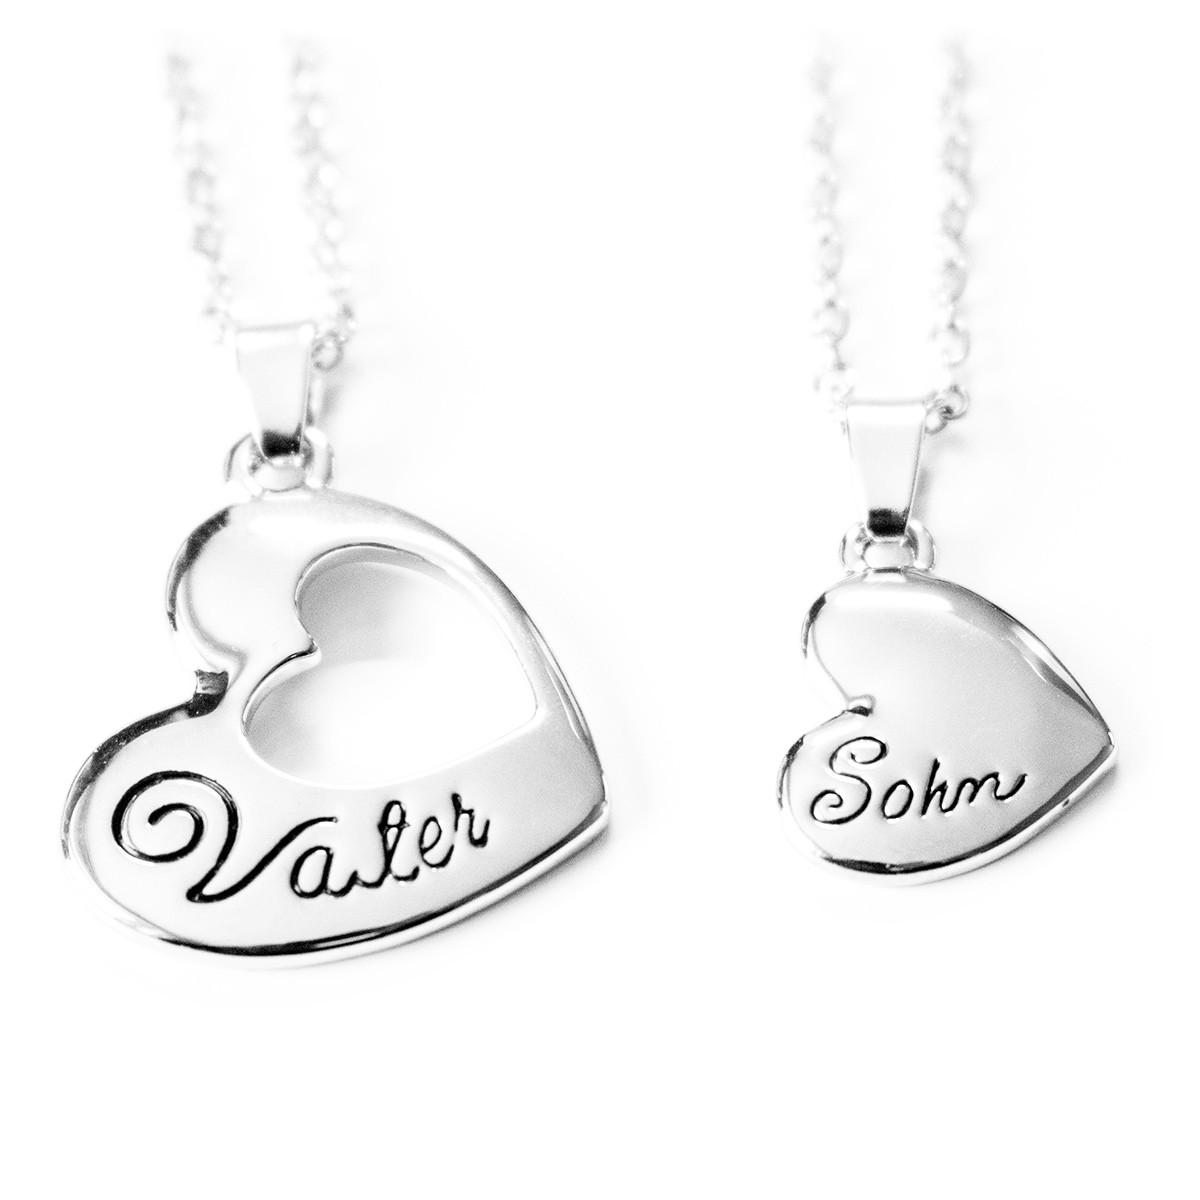 Vater und Sohn Halskette / Herzkette